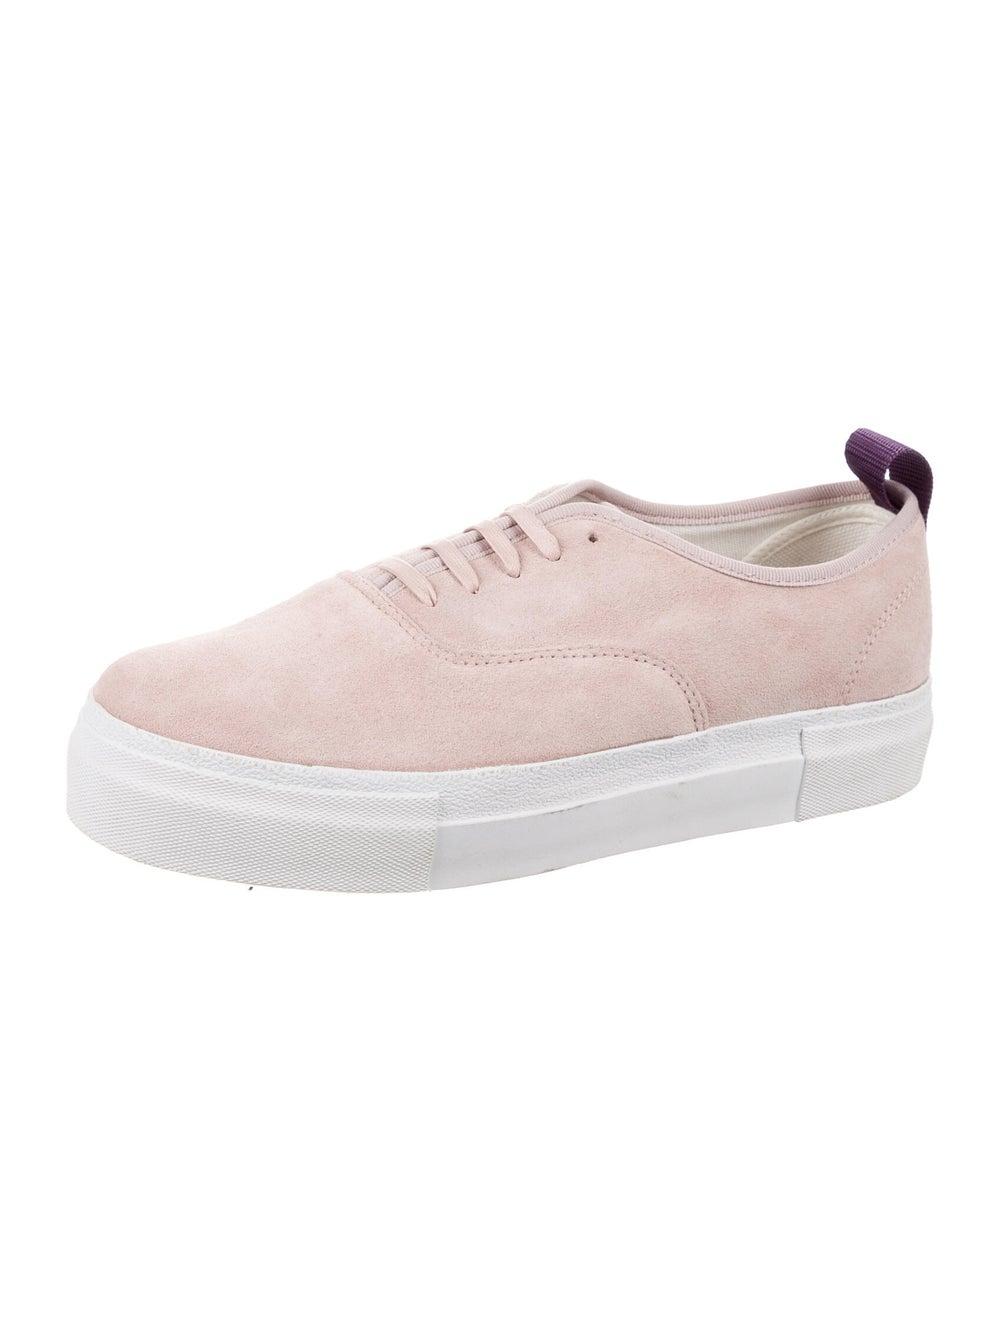 Eytys Suede Sneakers Pink - image 2